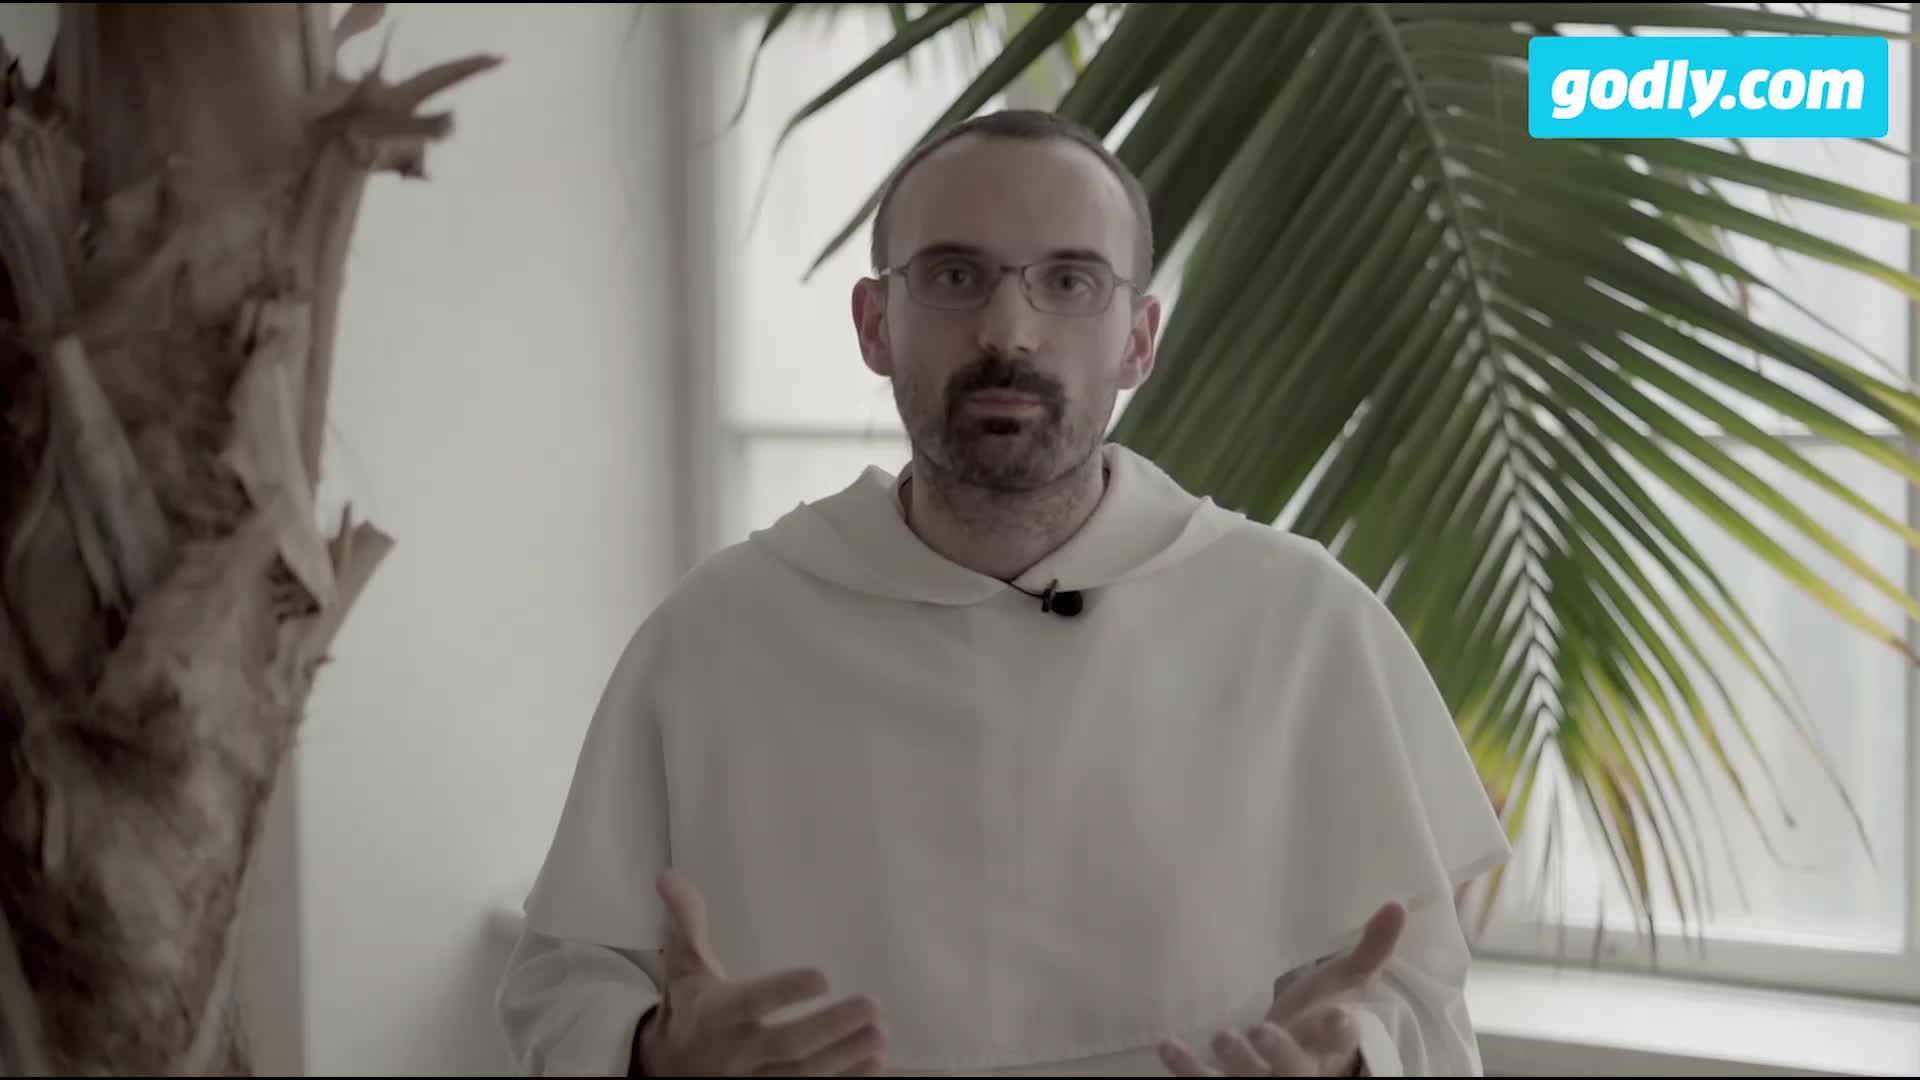 Czy da się zbudować związek z osobą niewierzącą?